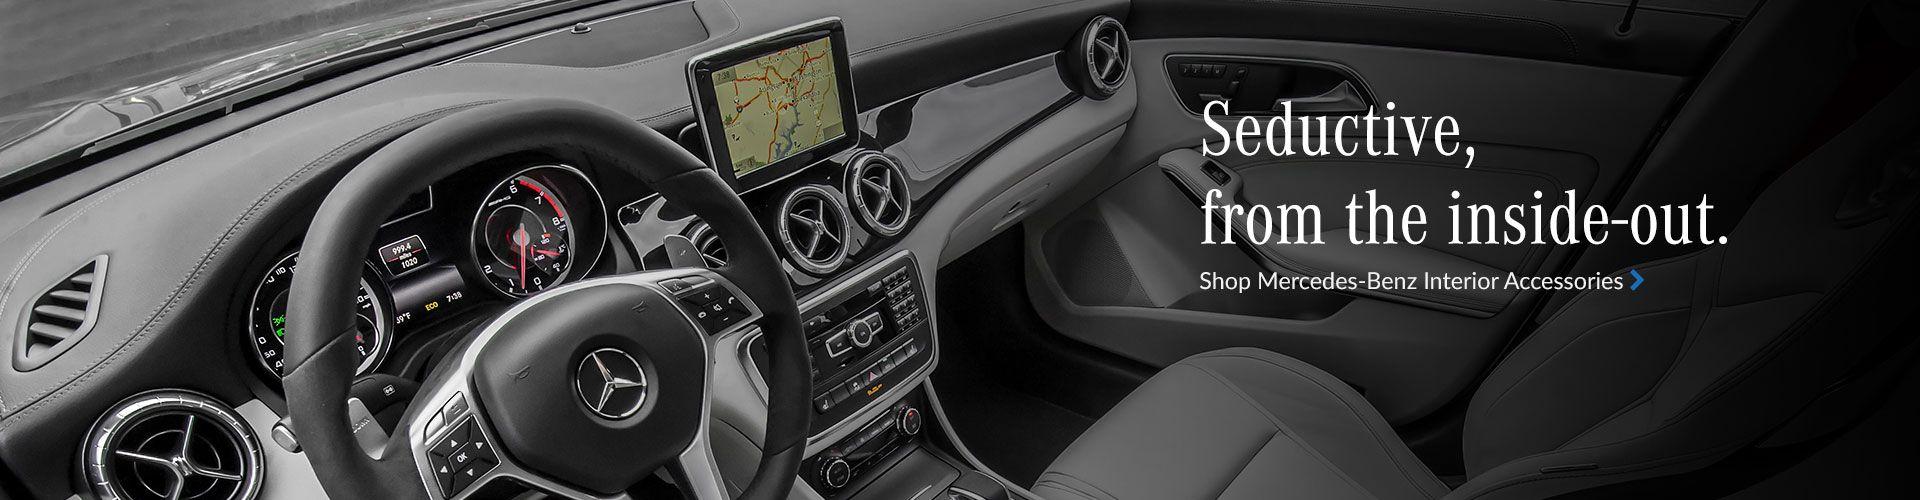 Mercedes-Benz Genuine Parts